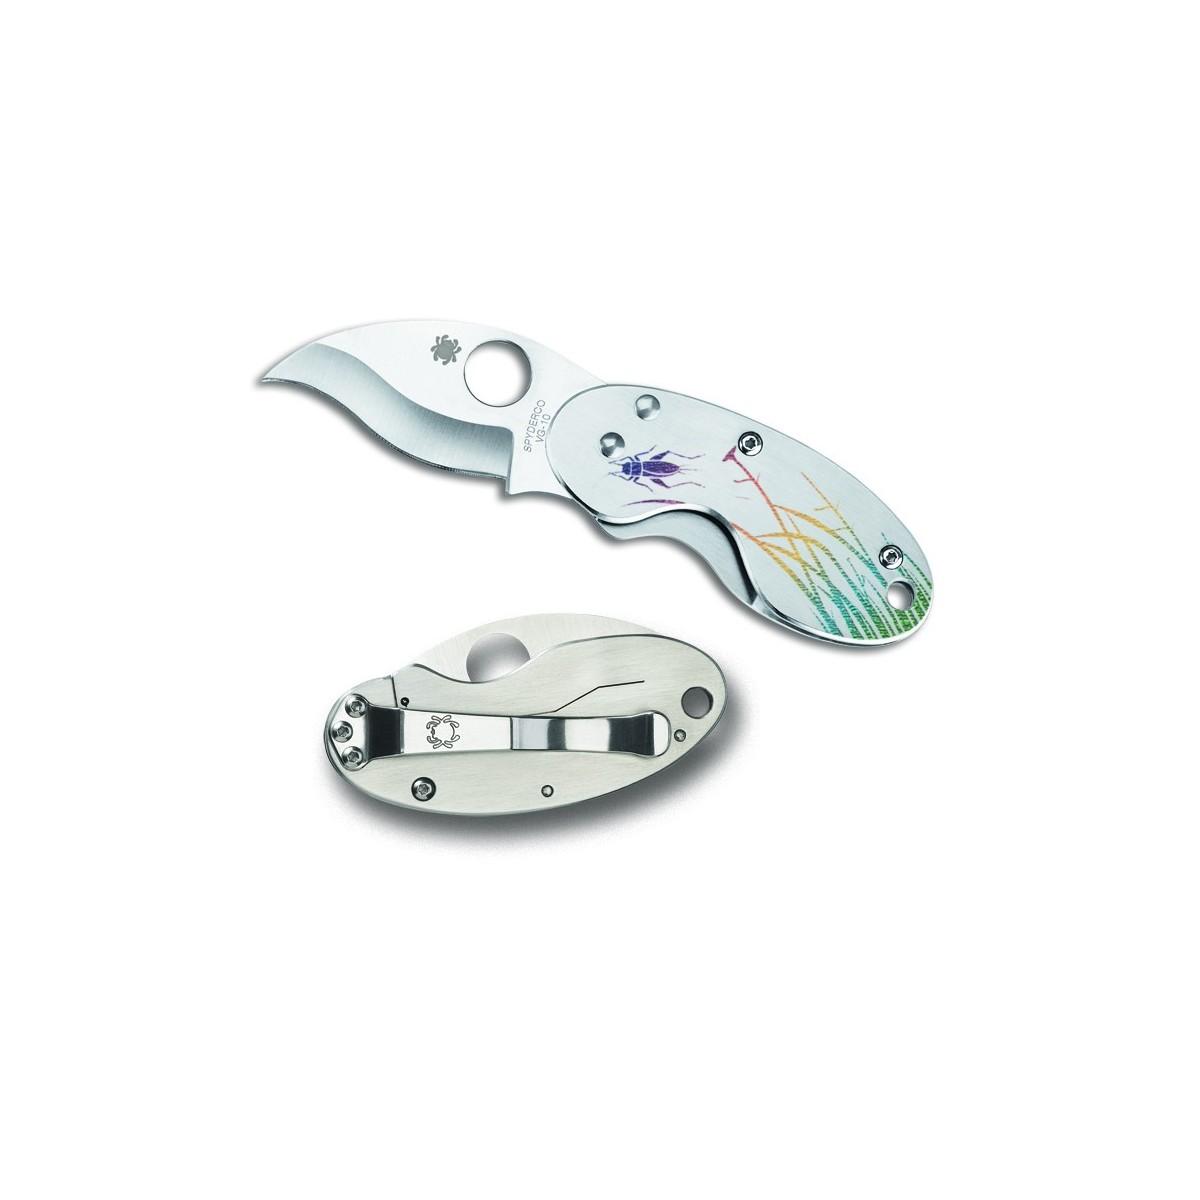 """มีดพับ Spyderco C29PT Cricket Tattoo Folding Knife 1.89"""" VG10 Blade, Stainless Steel Handles"""